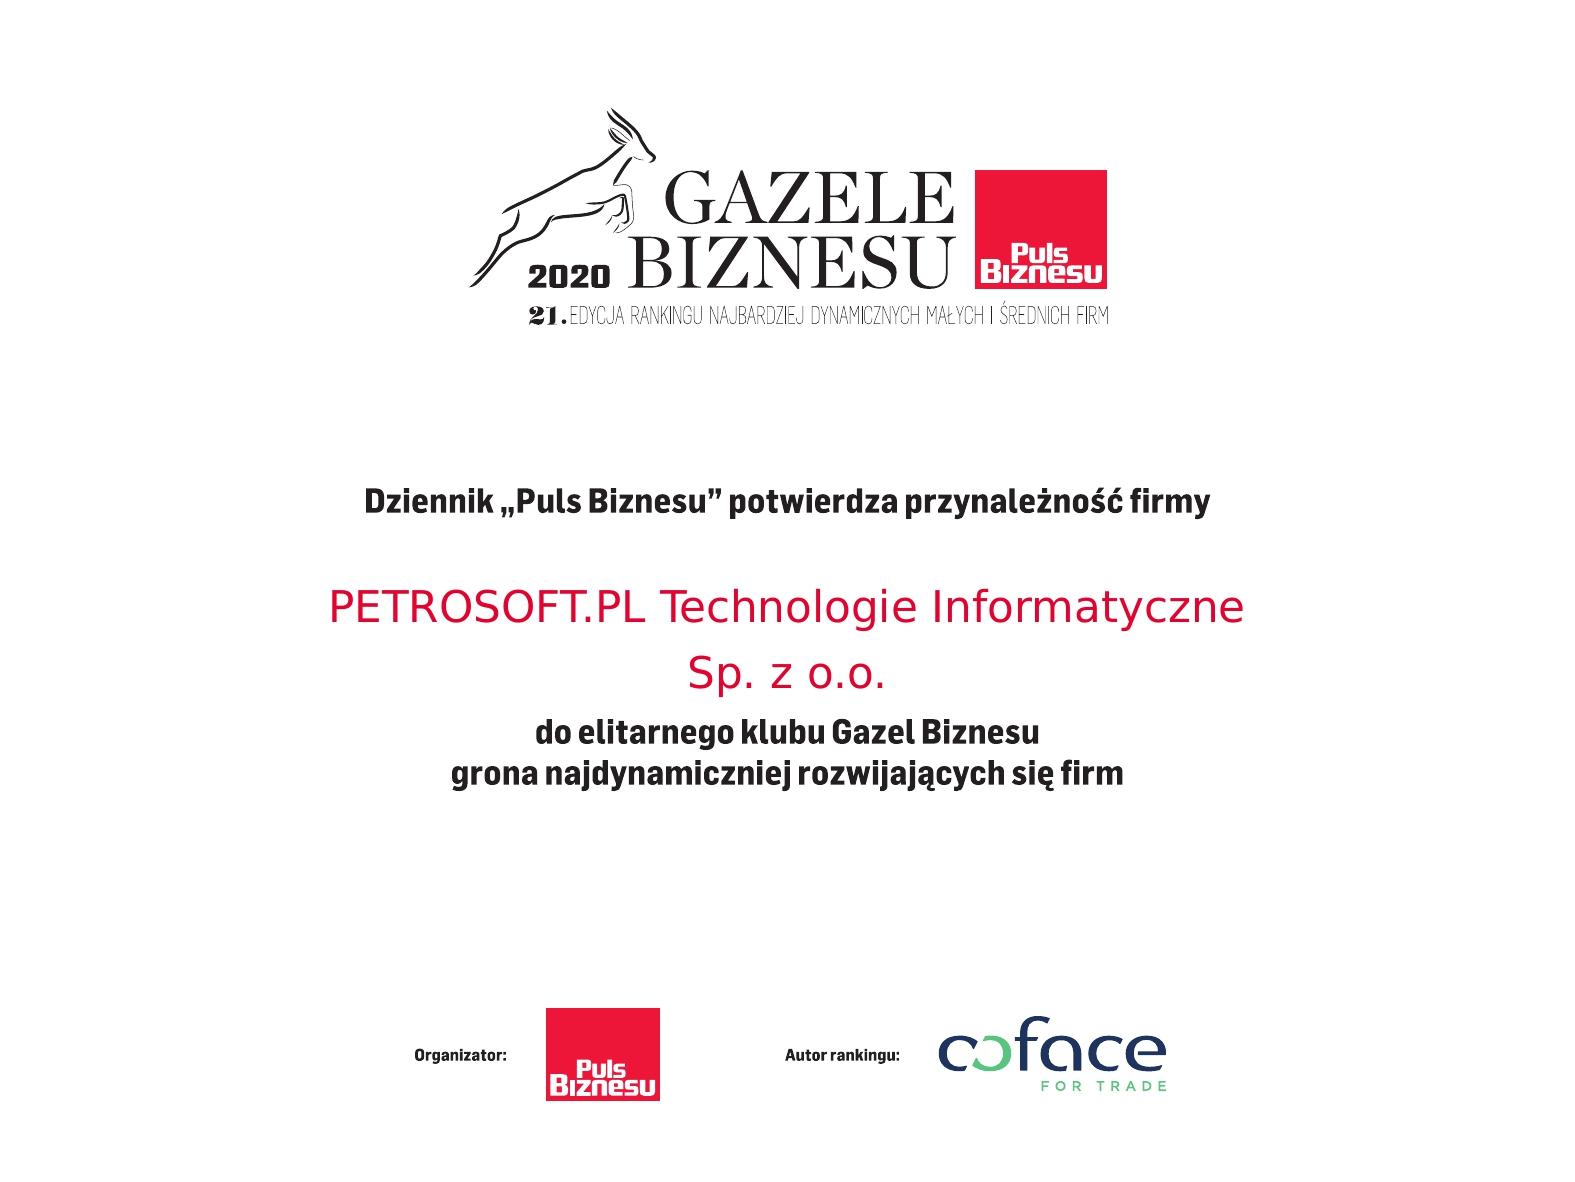 Dyplom Gazeli Biznesu 2020